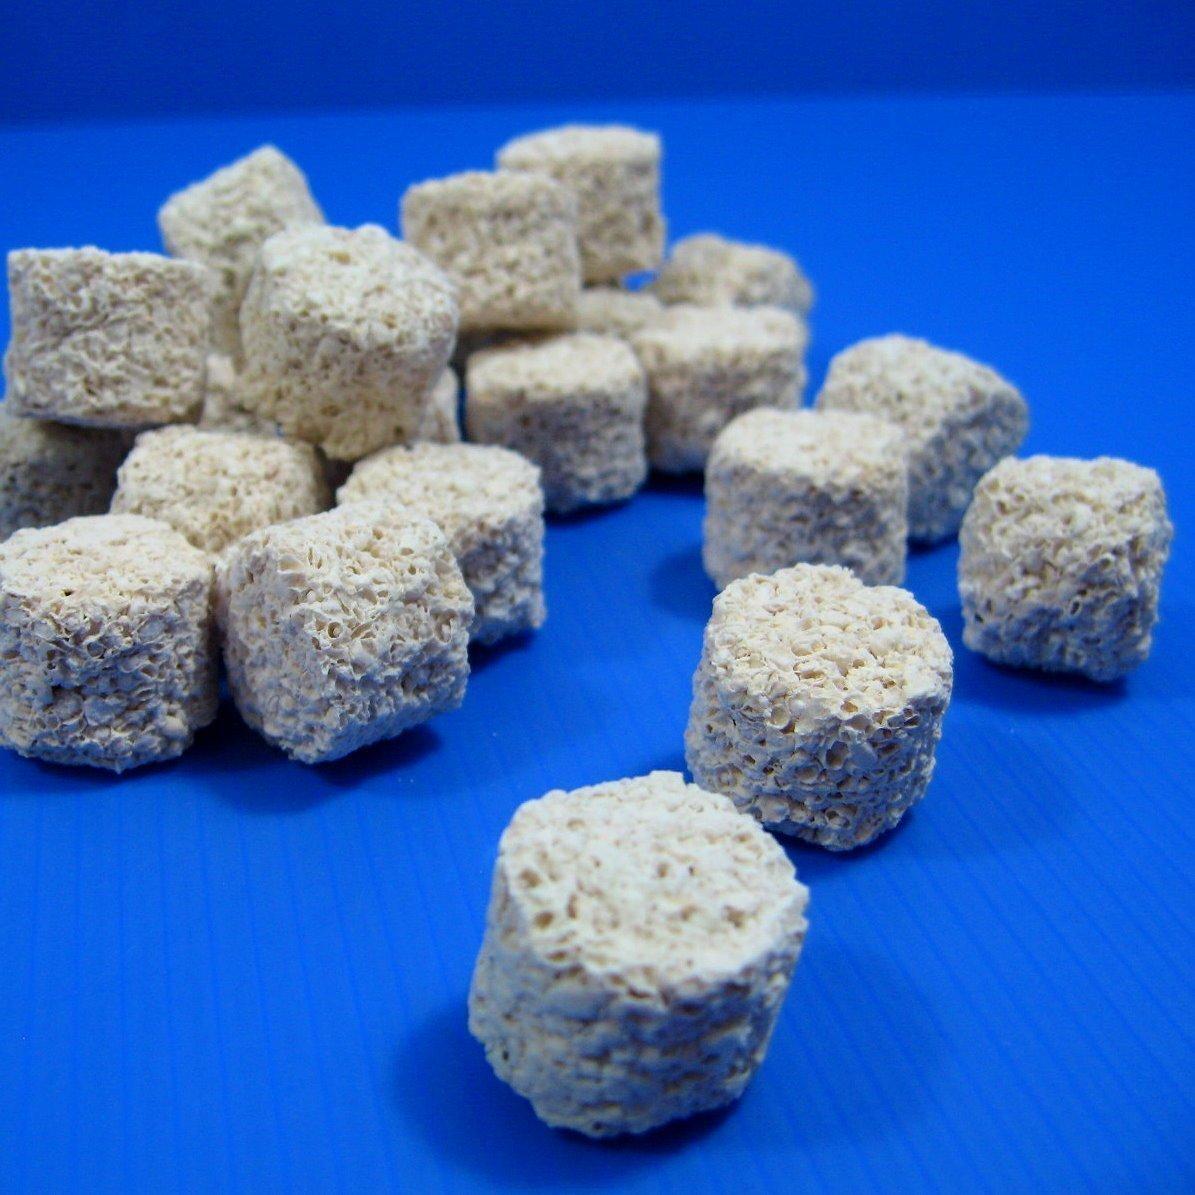 アクアリウム PH 88.4 多孔質セラミック海洋魚ろ紙1200g 水族館 塩水槽 [並行輸入品] B0734NPH88